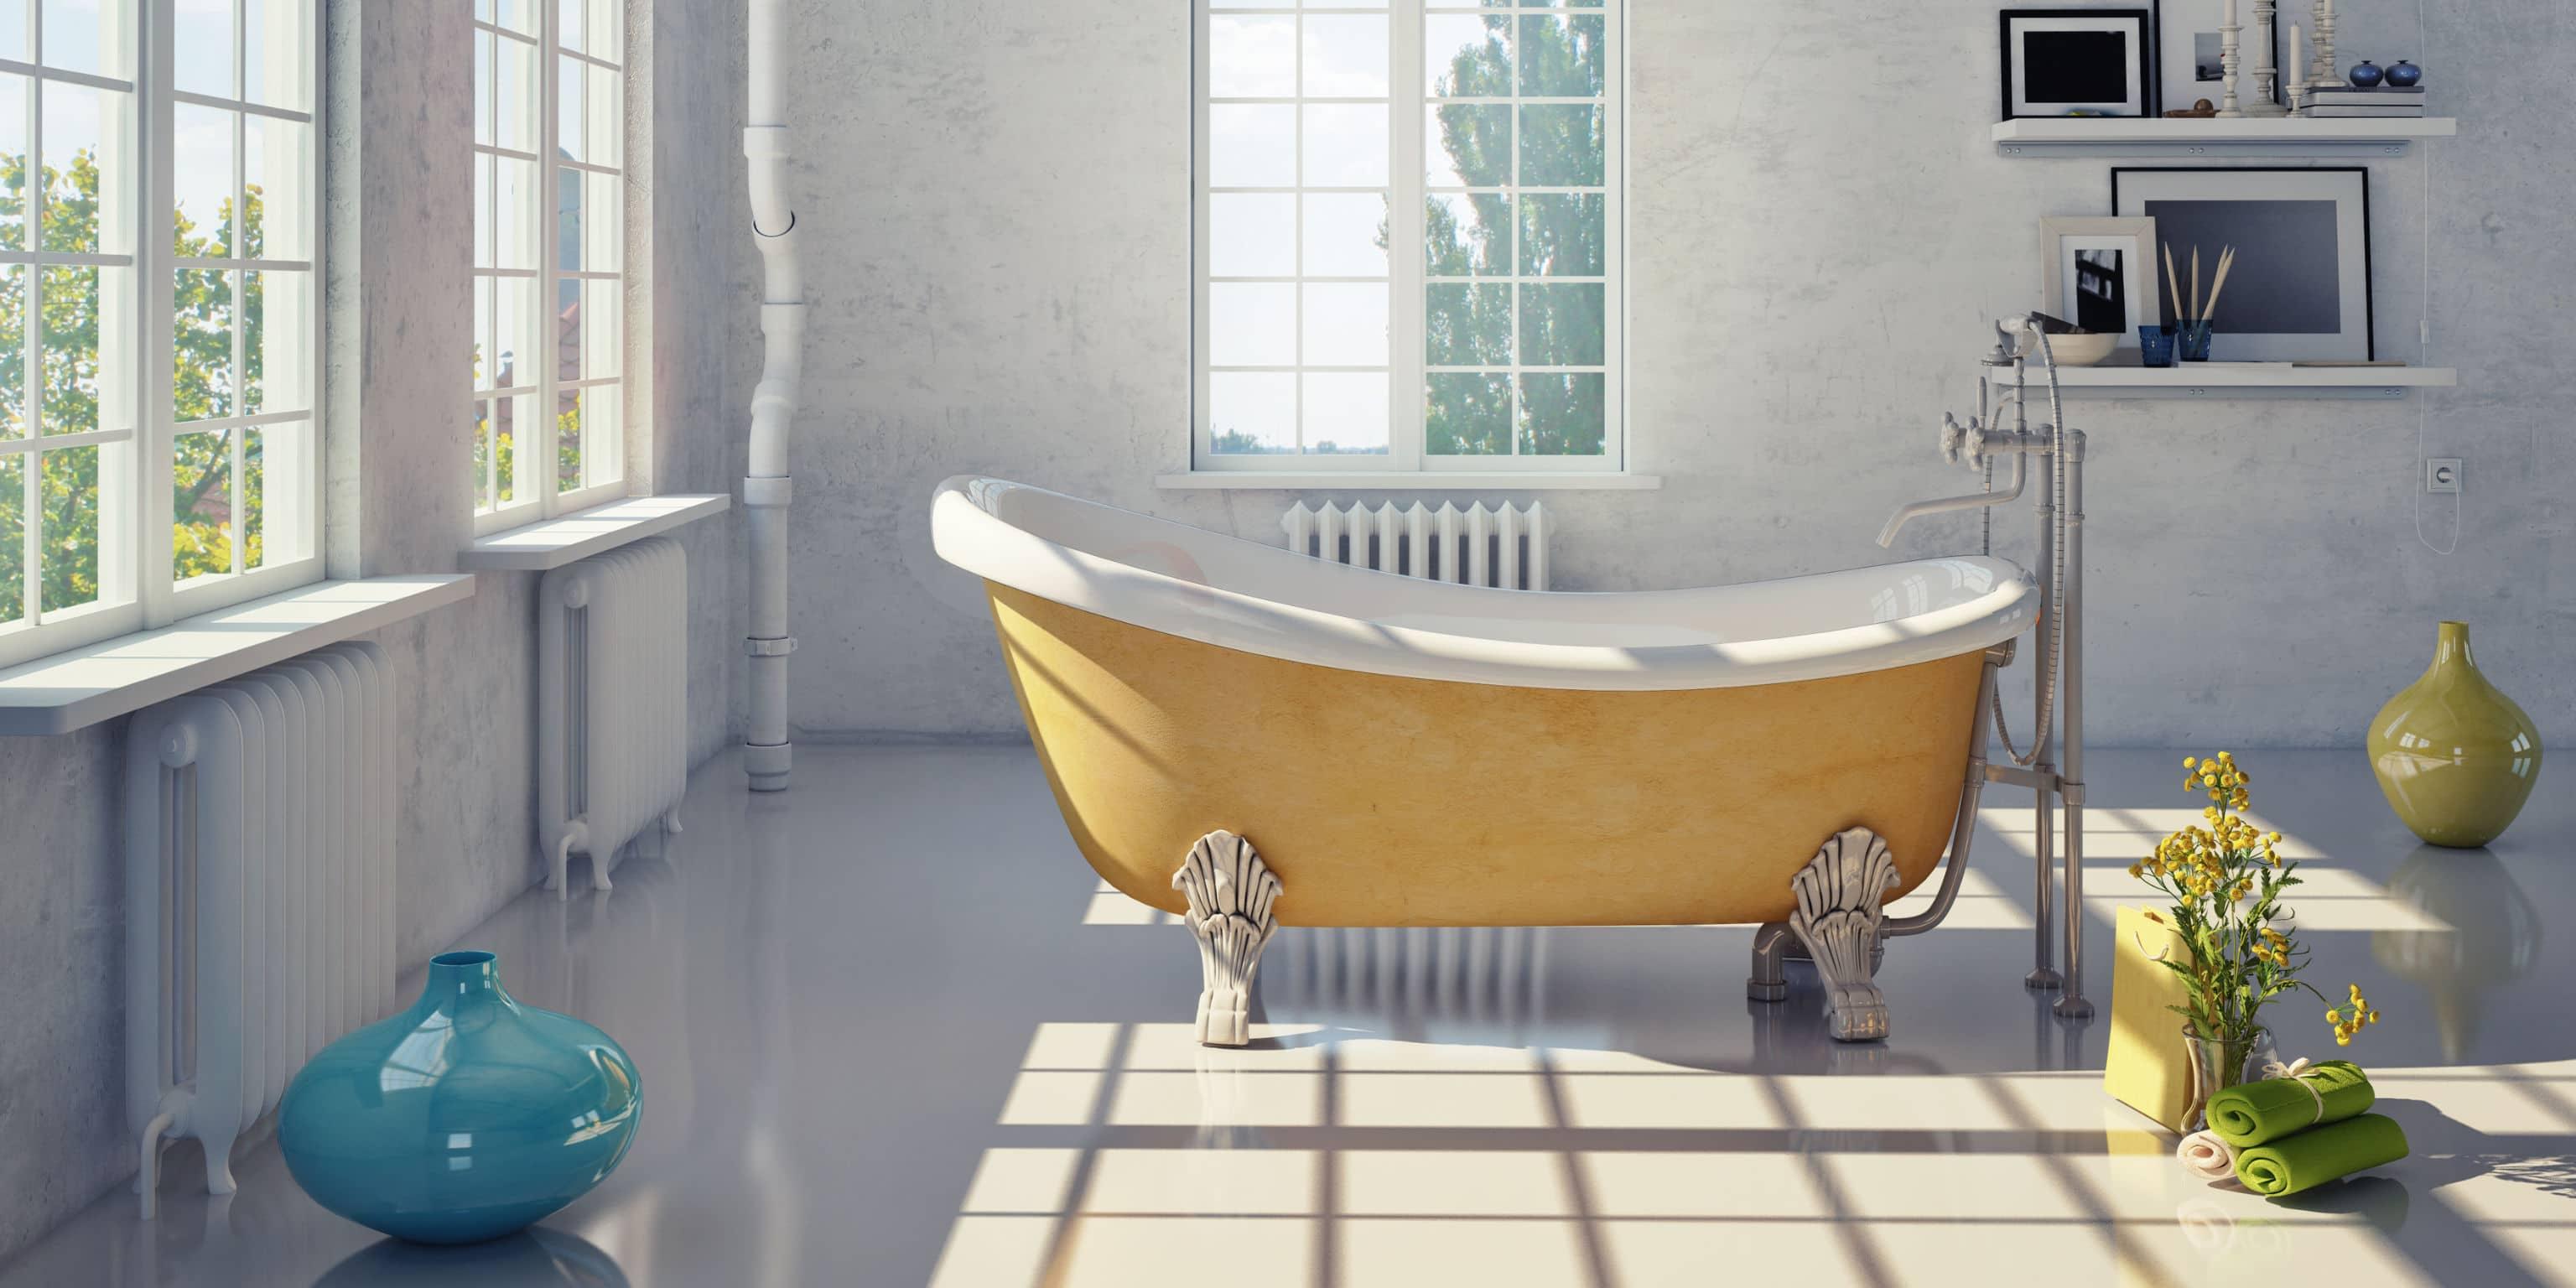 m2 prijs nieuwe badkamer